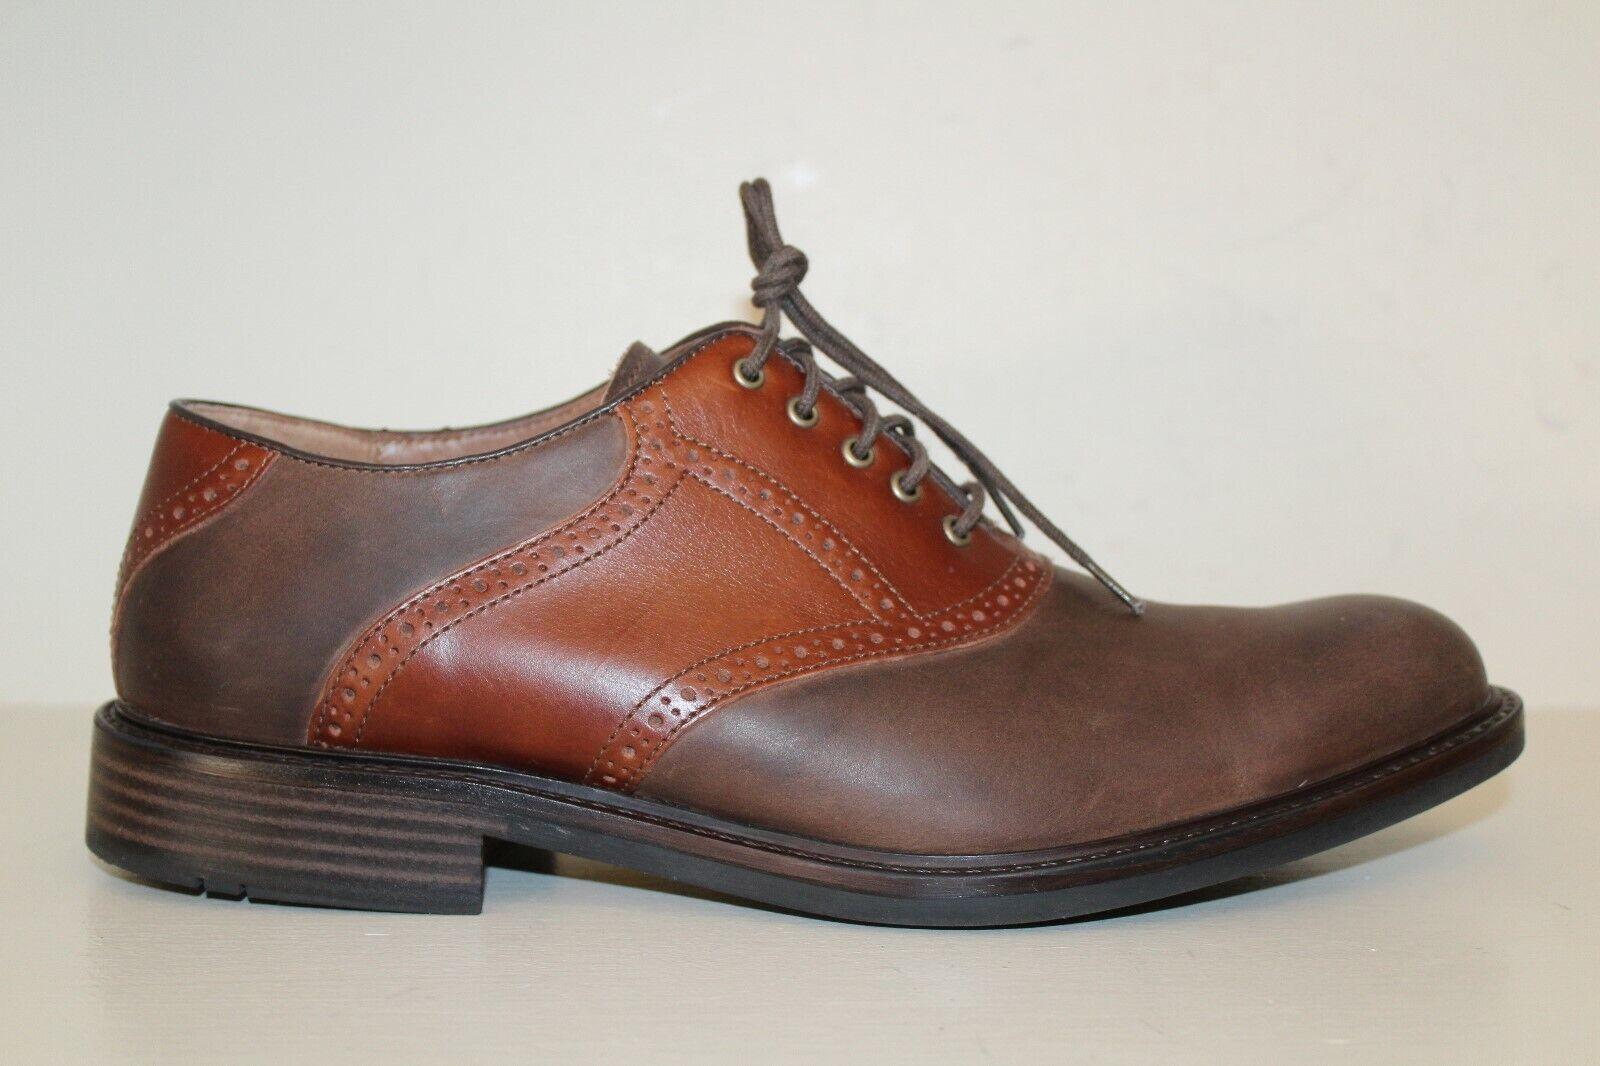 Johnston Murphy Mens Saddle Oxford shoes Sz 11.5 M Brown Leather Plain Toe Lace